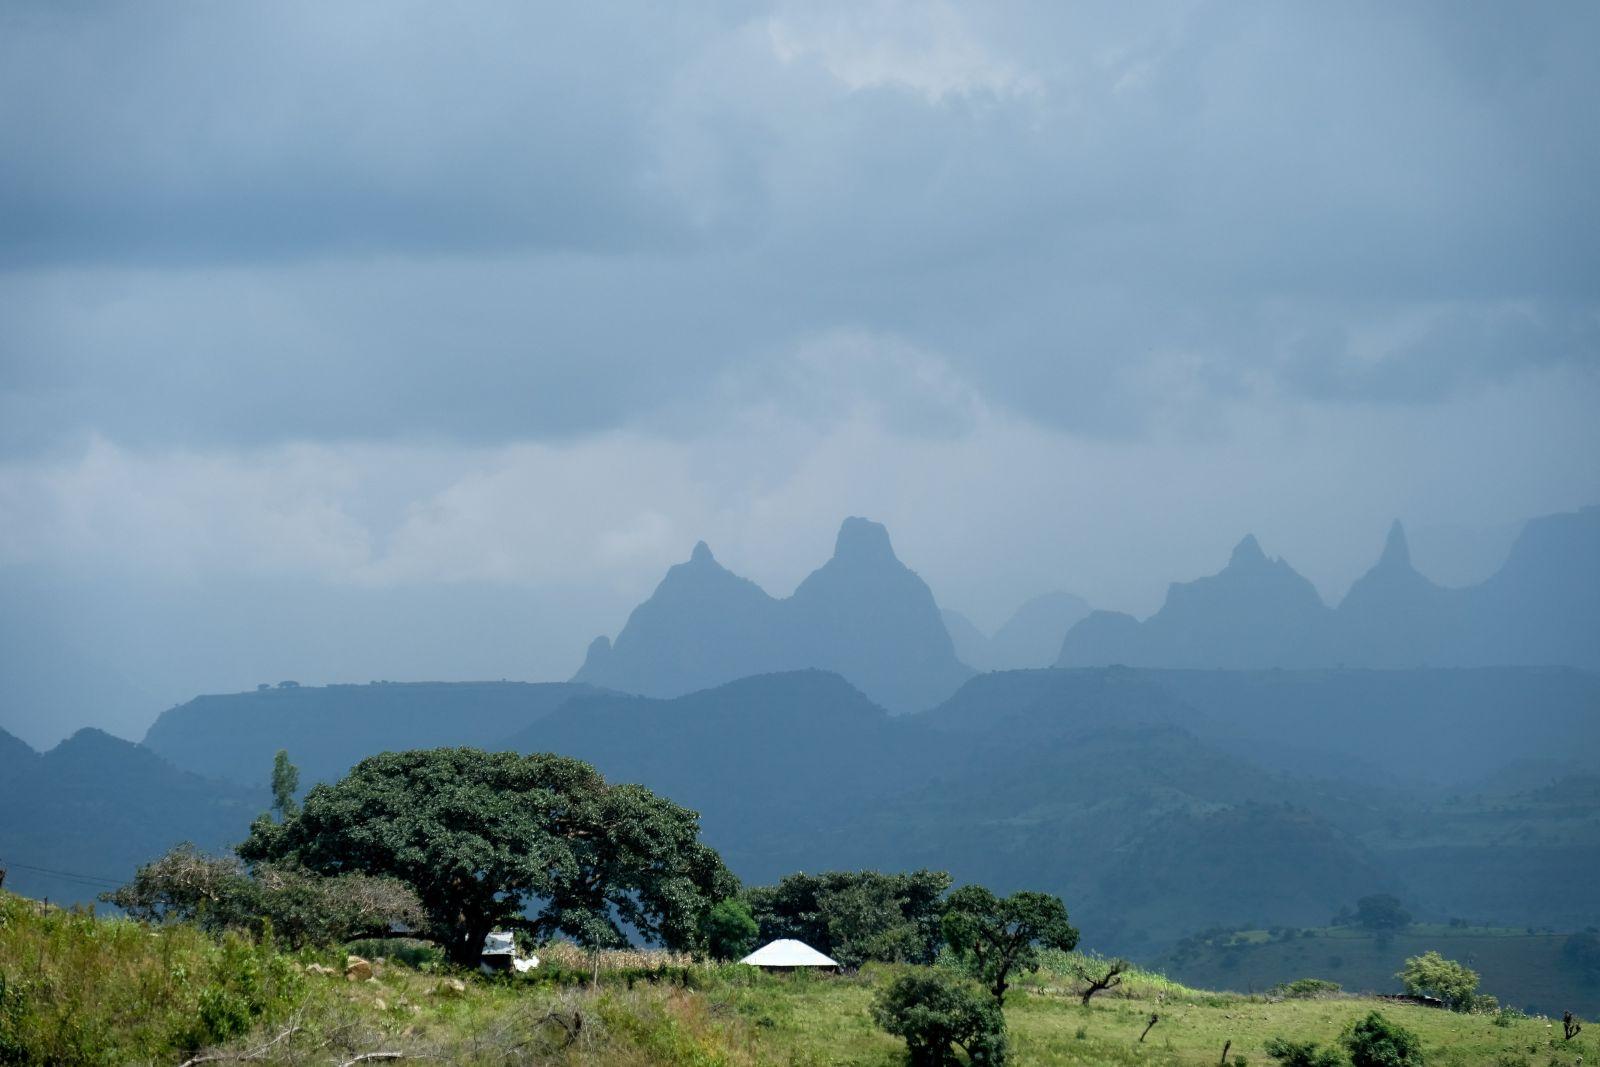 Landschaft von Äthiopien. Man sieht grüne Wiesen, Sträucher und Bäume und berge im Hintergrund